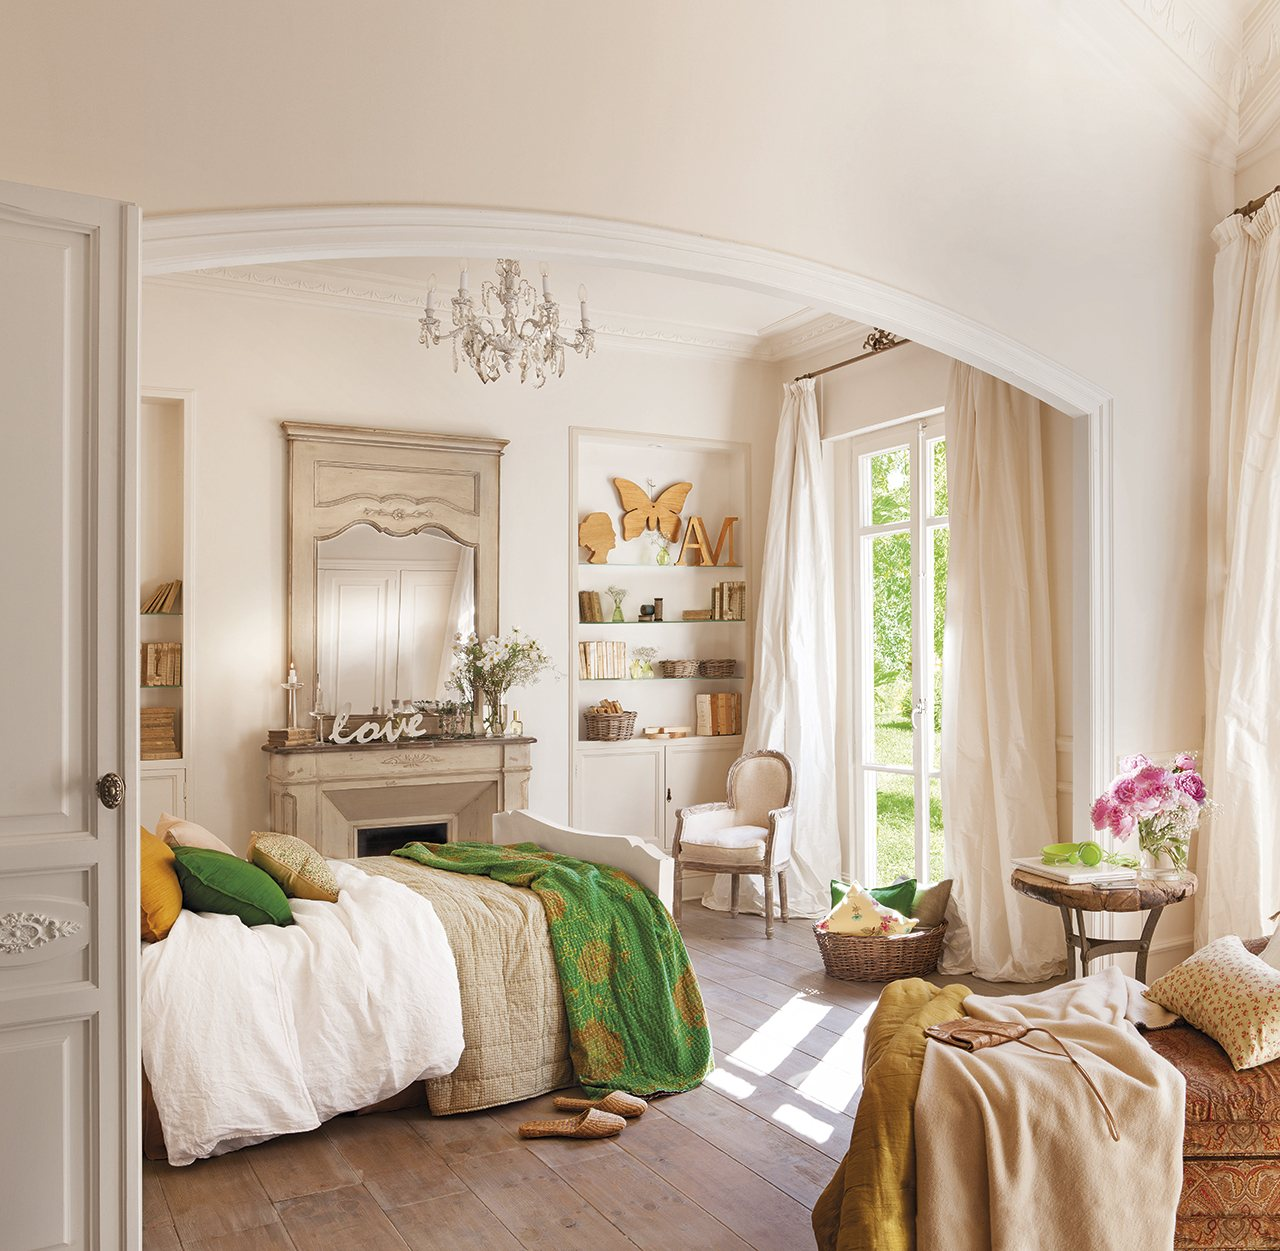 Los 10 dormitorios más bonitos del año